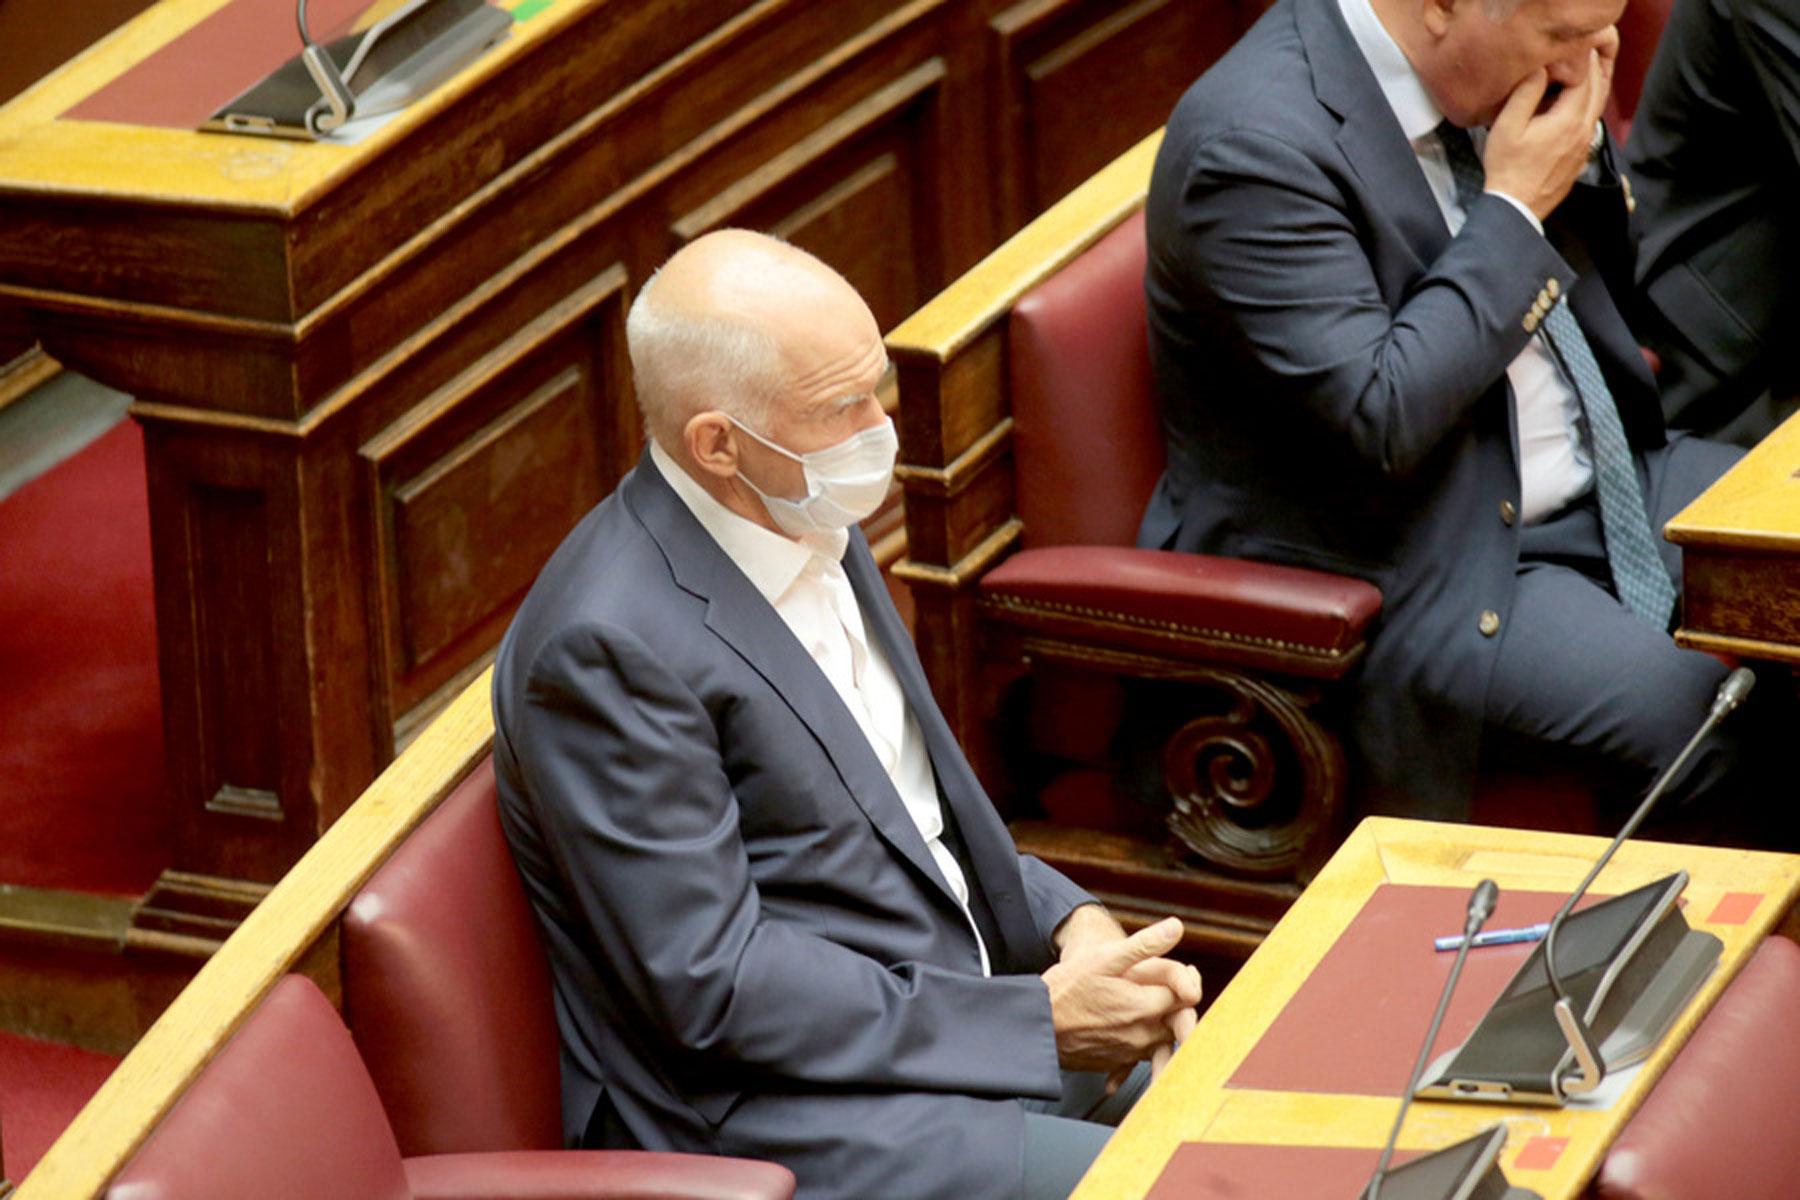 Γιώργος (Παπανδρέου), μόνος και μασκοφόρος στη Βουλή (pics)